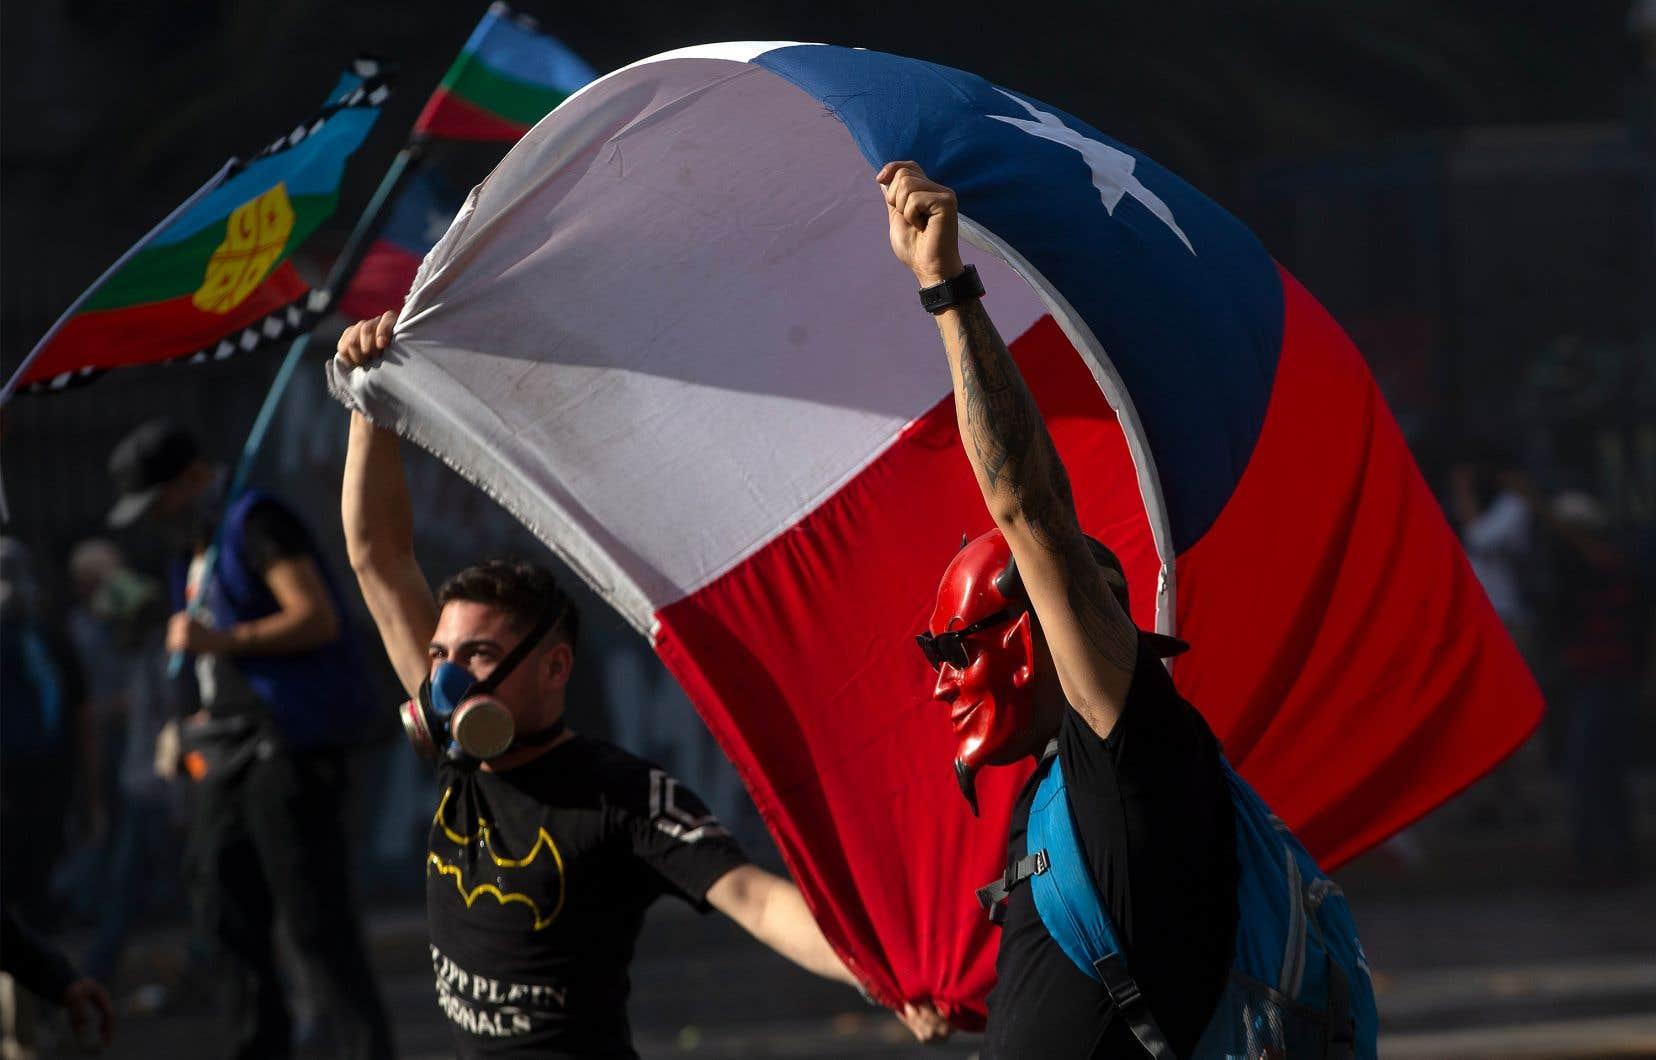 Des contestataires brandissaient un drapeau chilien dans une manifestation contre les politiques économiques du gouvernement, le 29 octobre, dans les rues de Santiago.